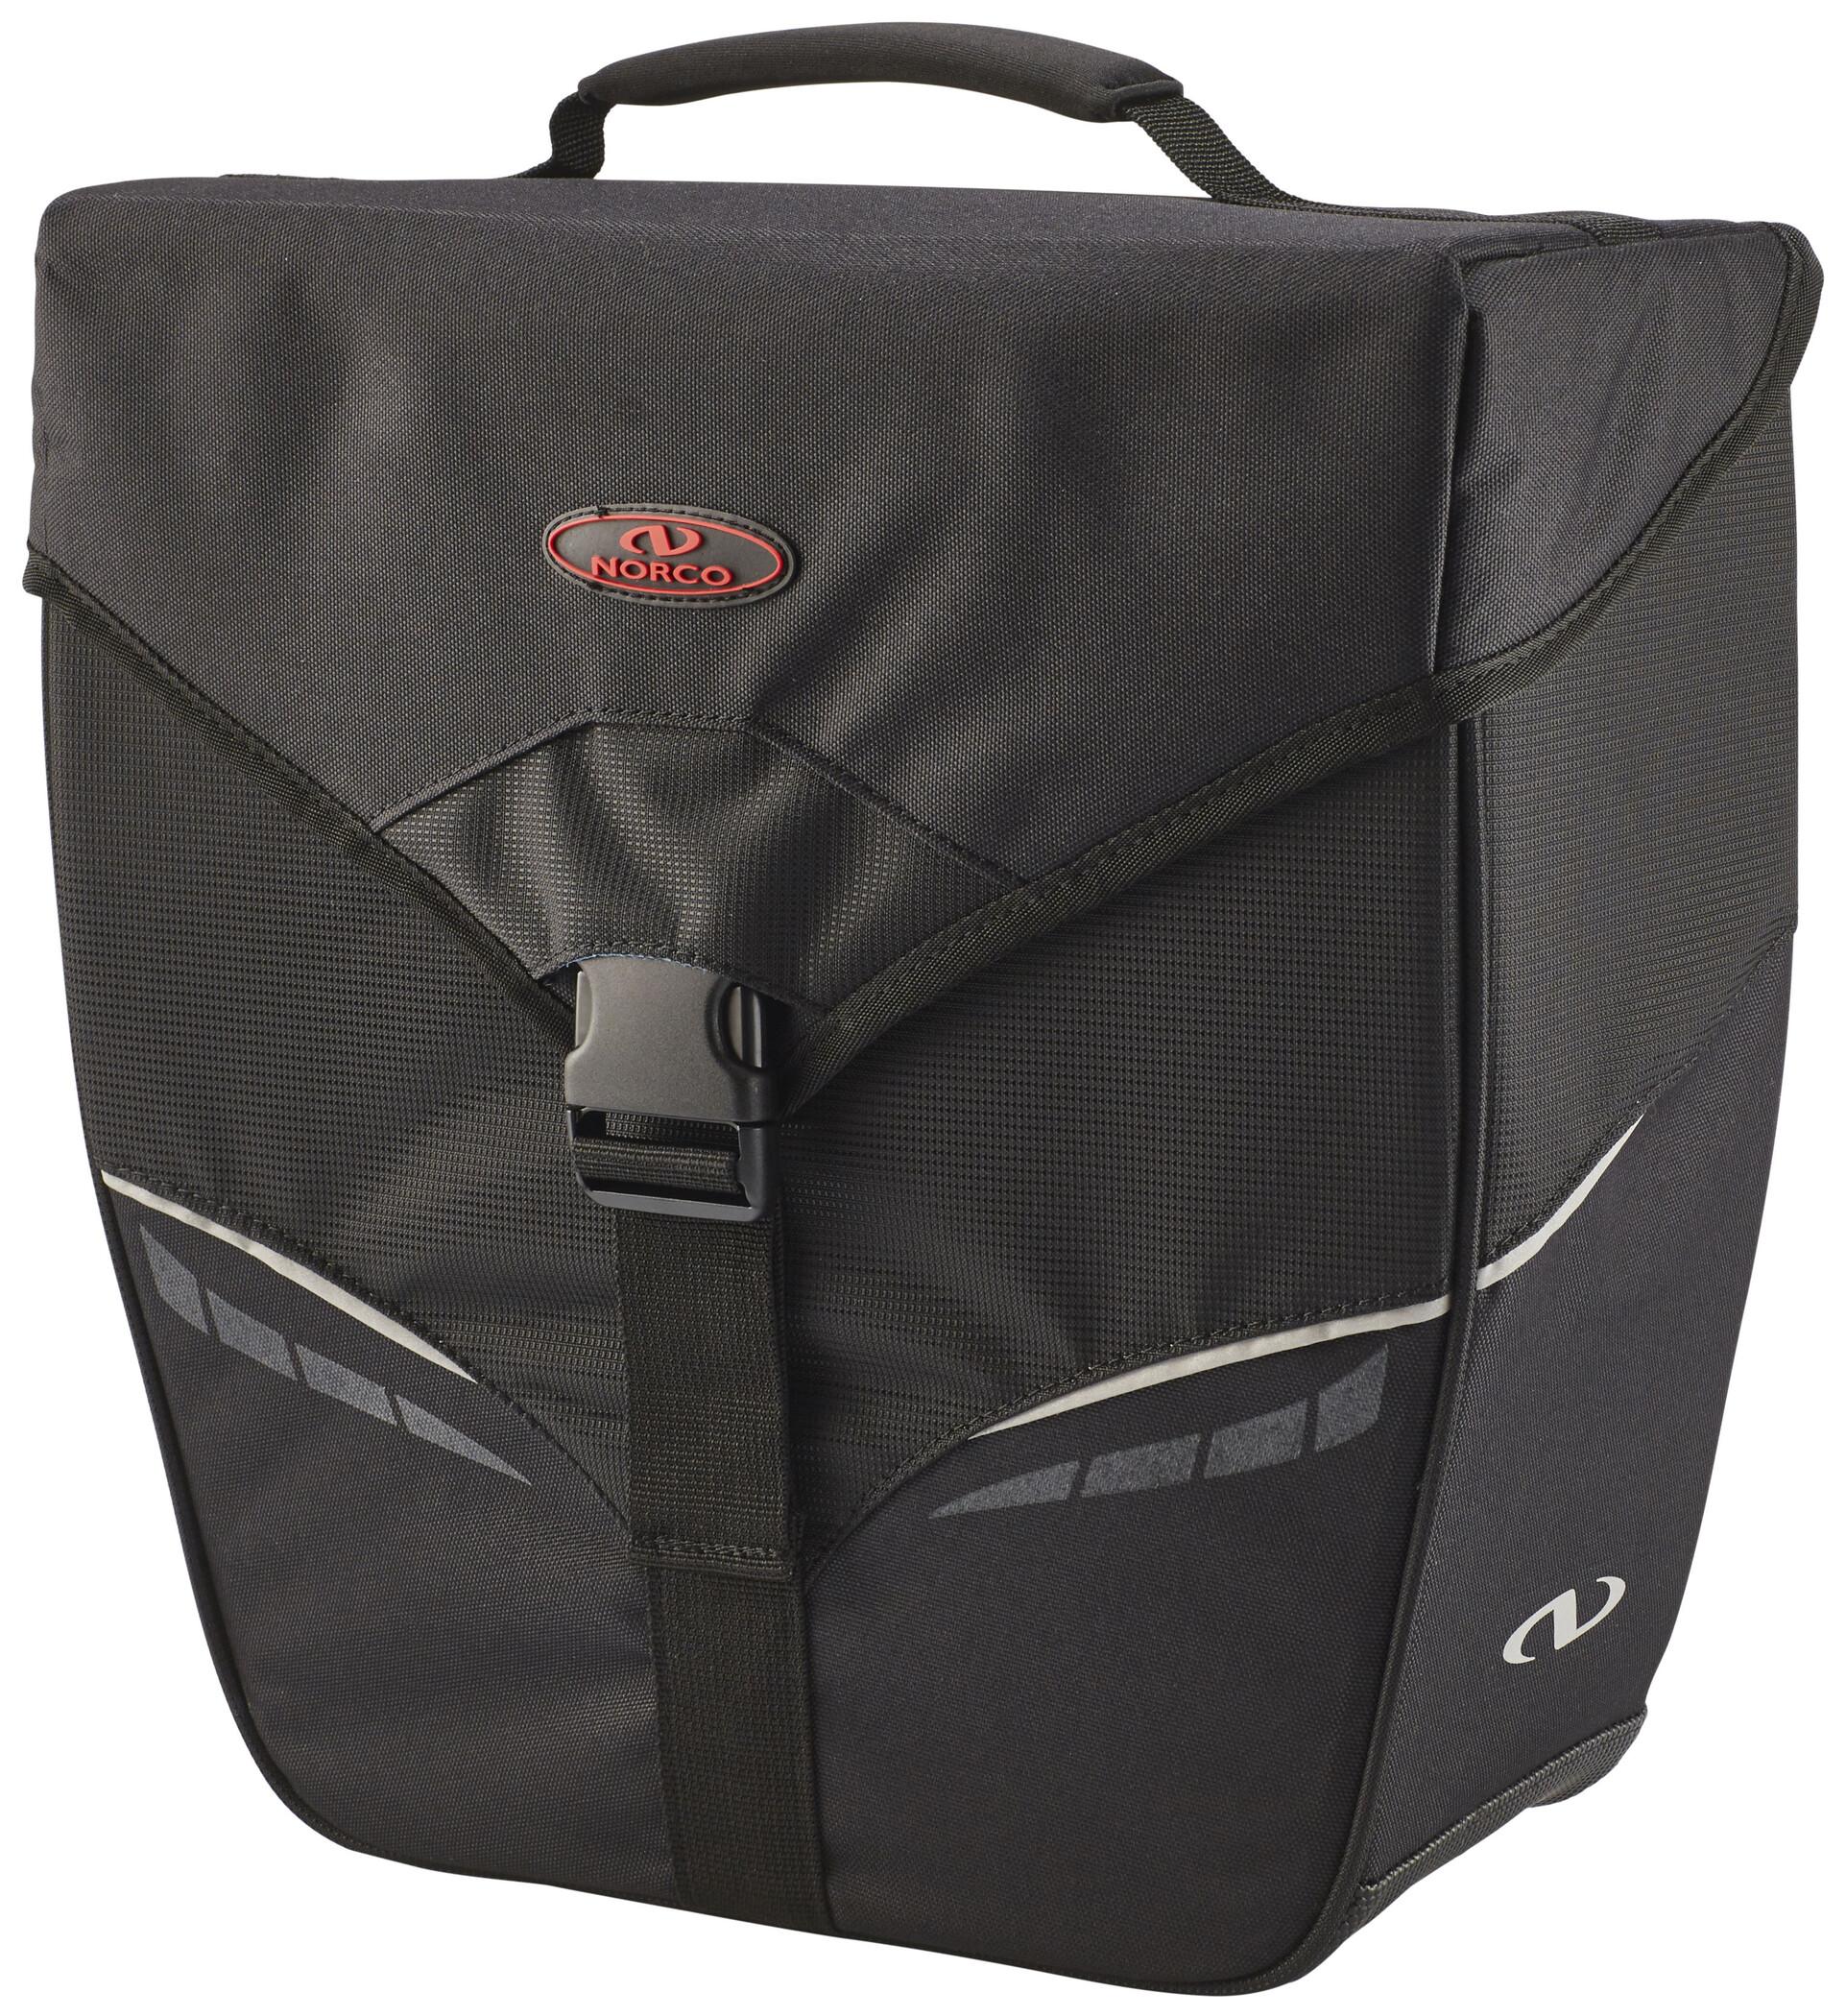 Norco Orlando City Cykeltaske, black | Tasker til bagagebærer